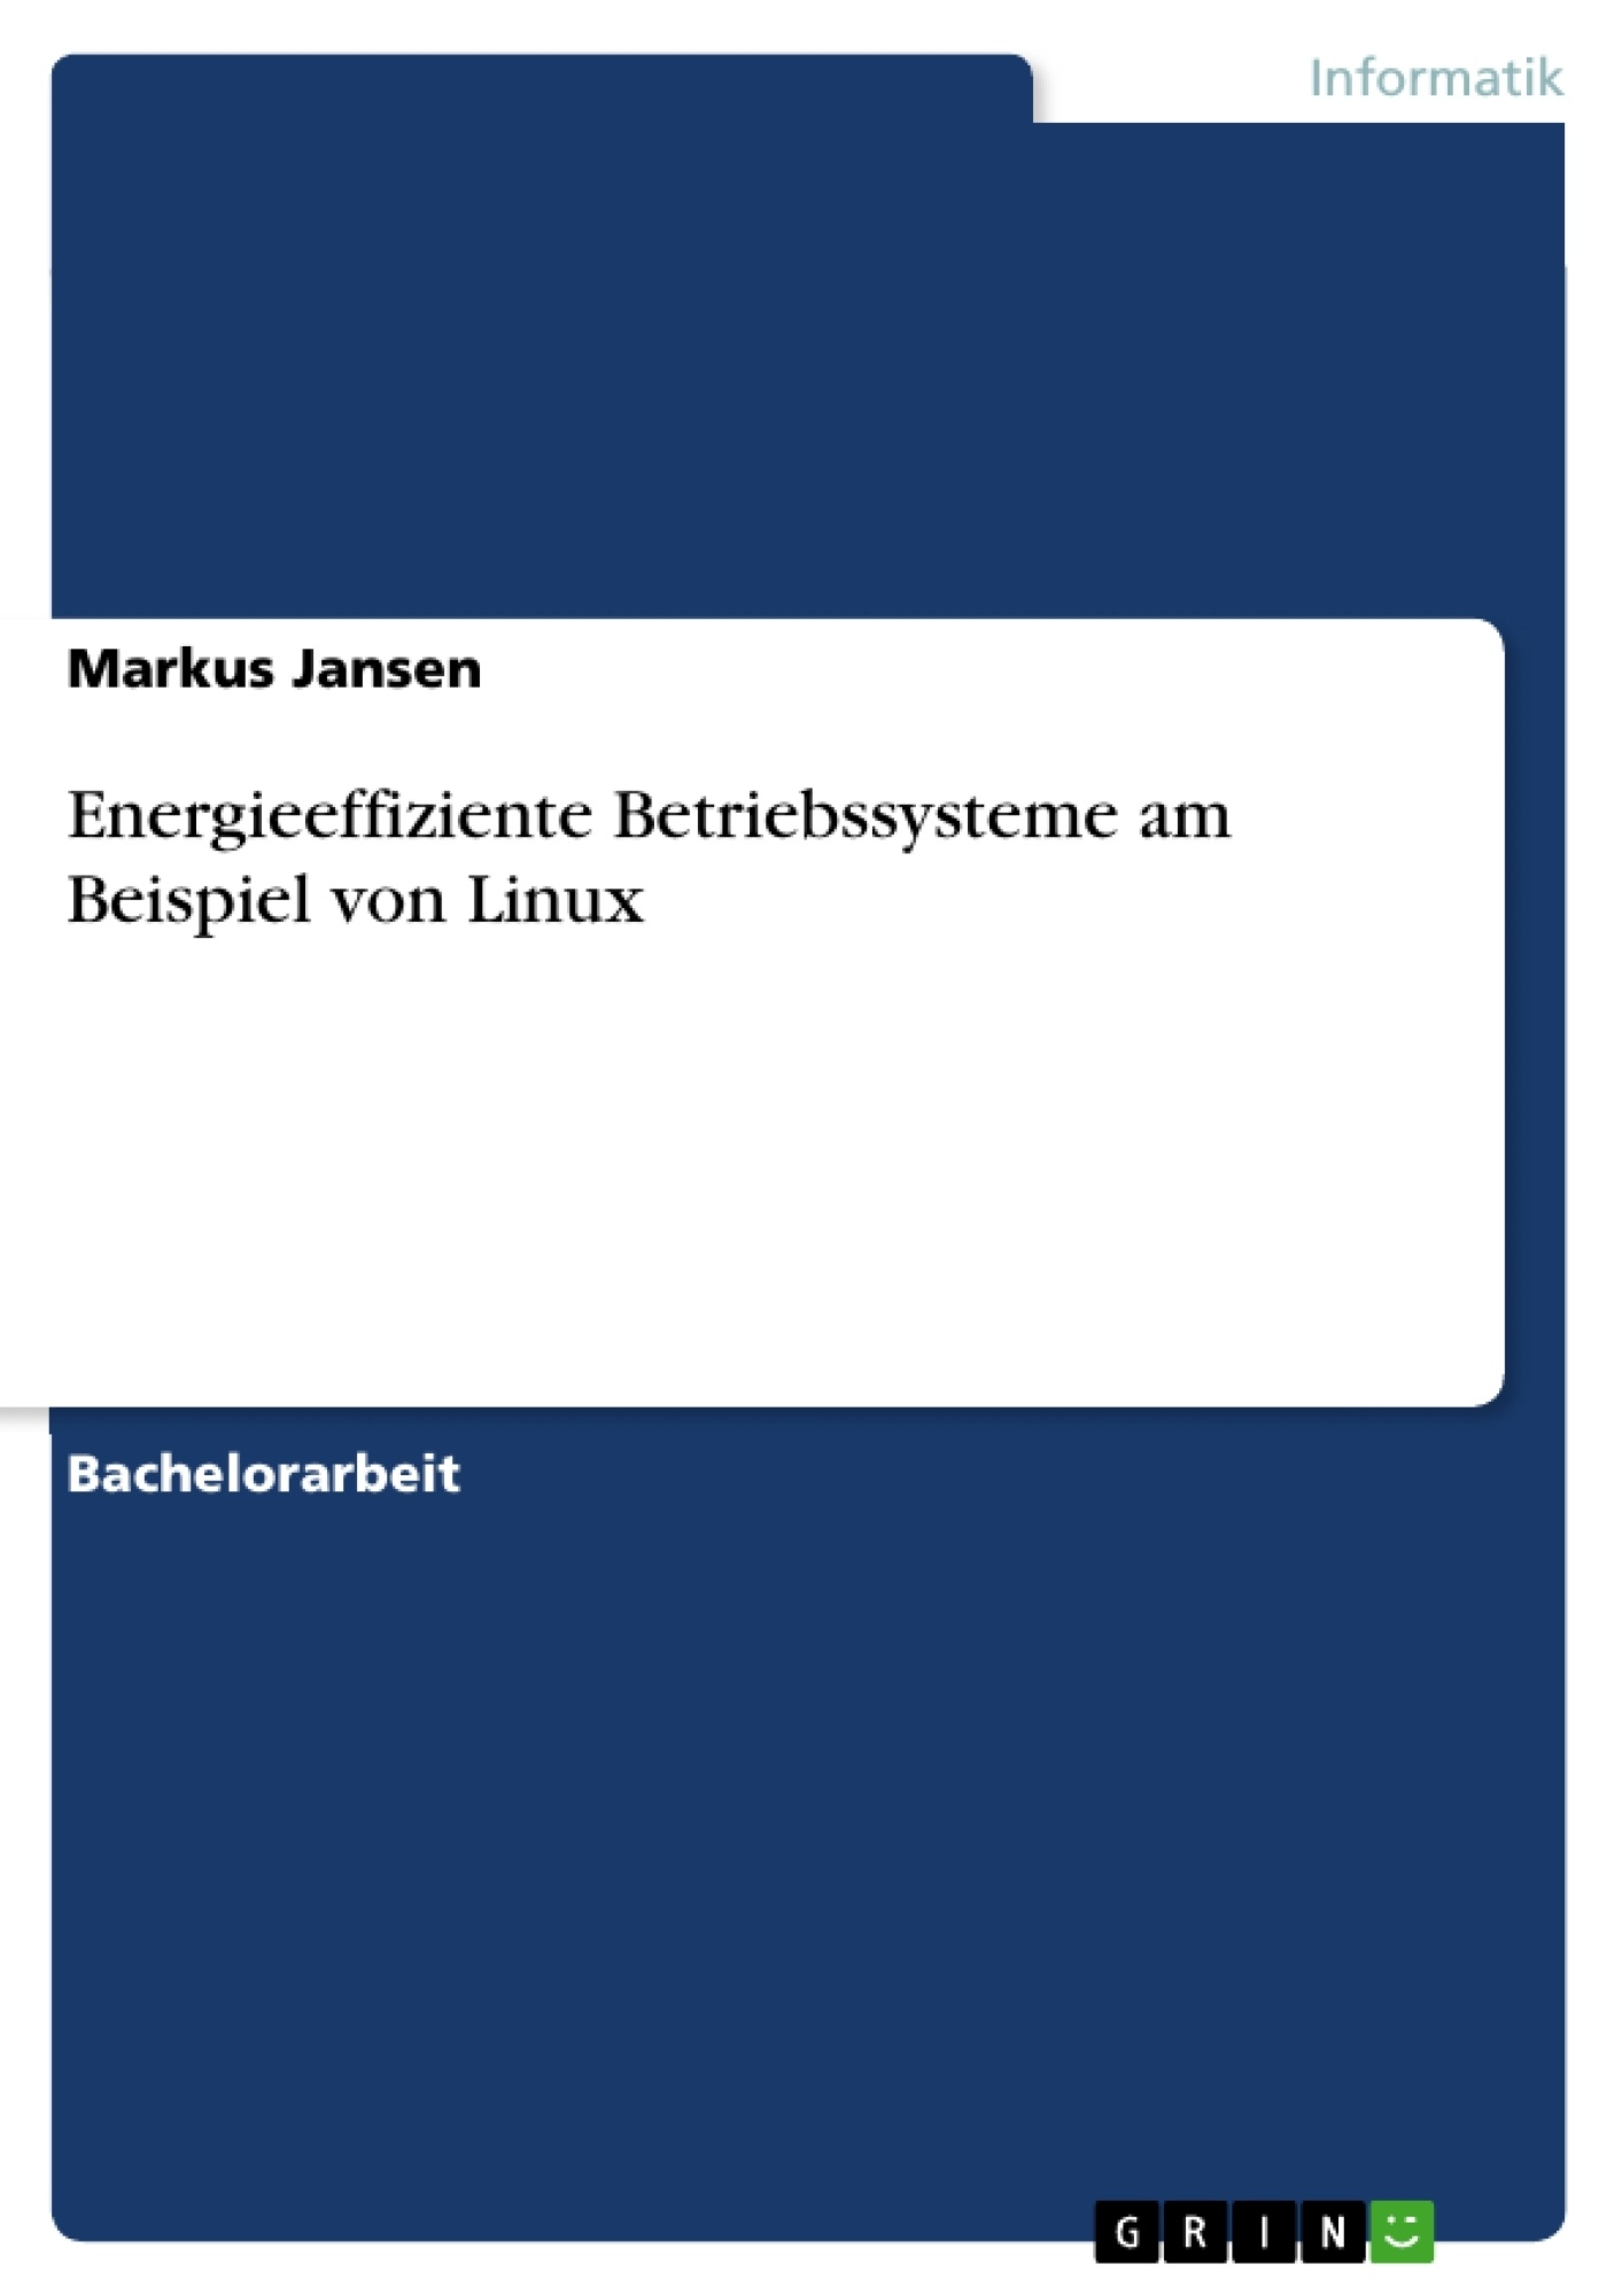 Titel: Energieeffiziente Betriebssysteme am Beispiel von Linux